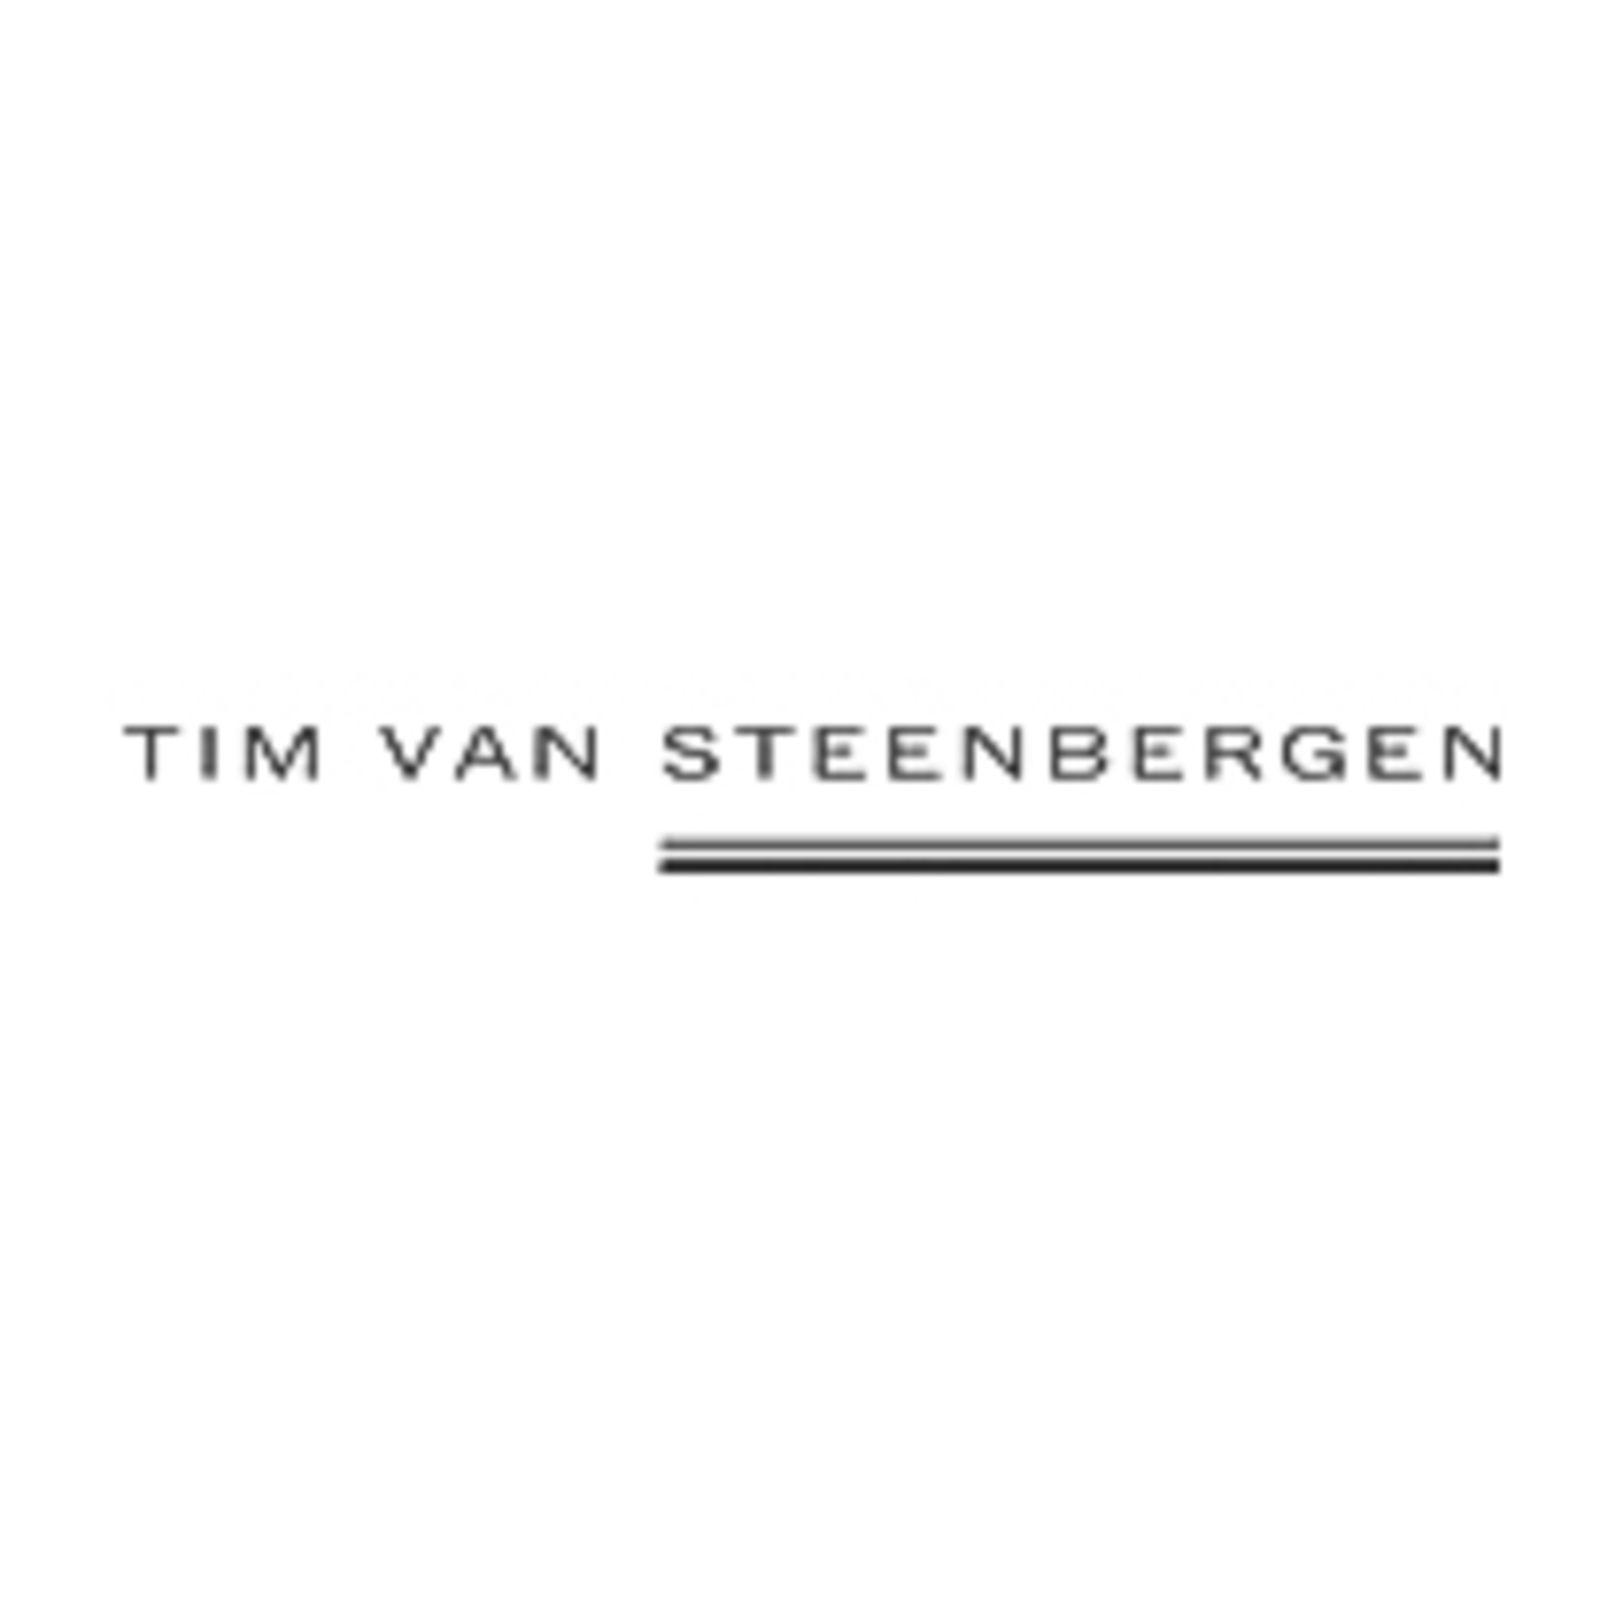 TIM VAN STEENBERGEN